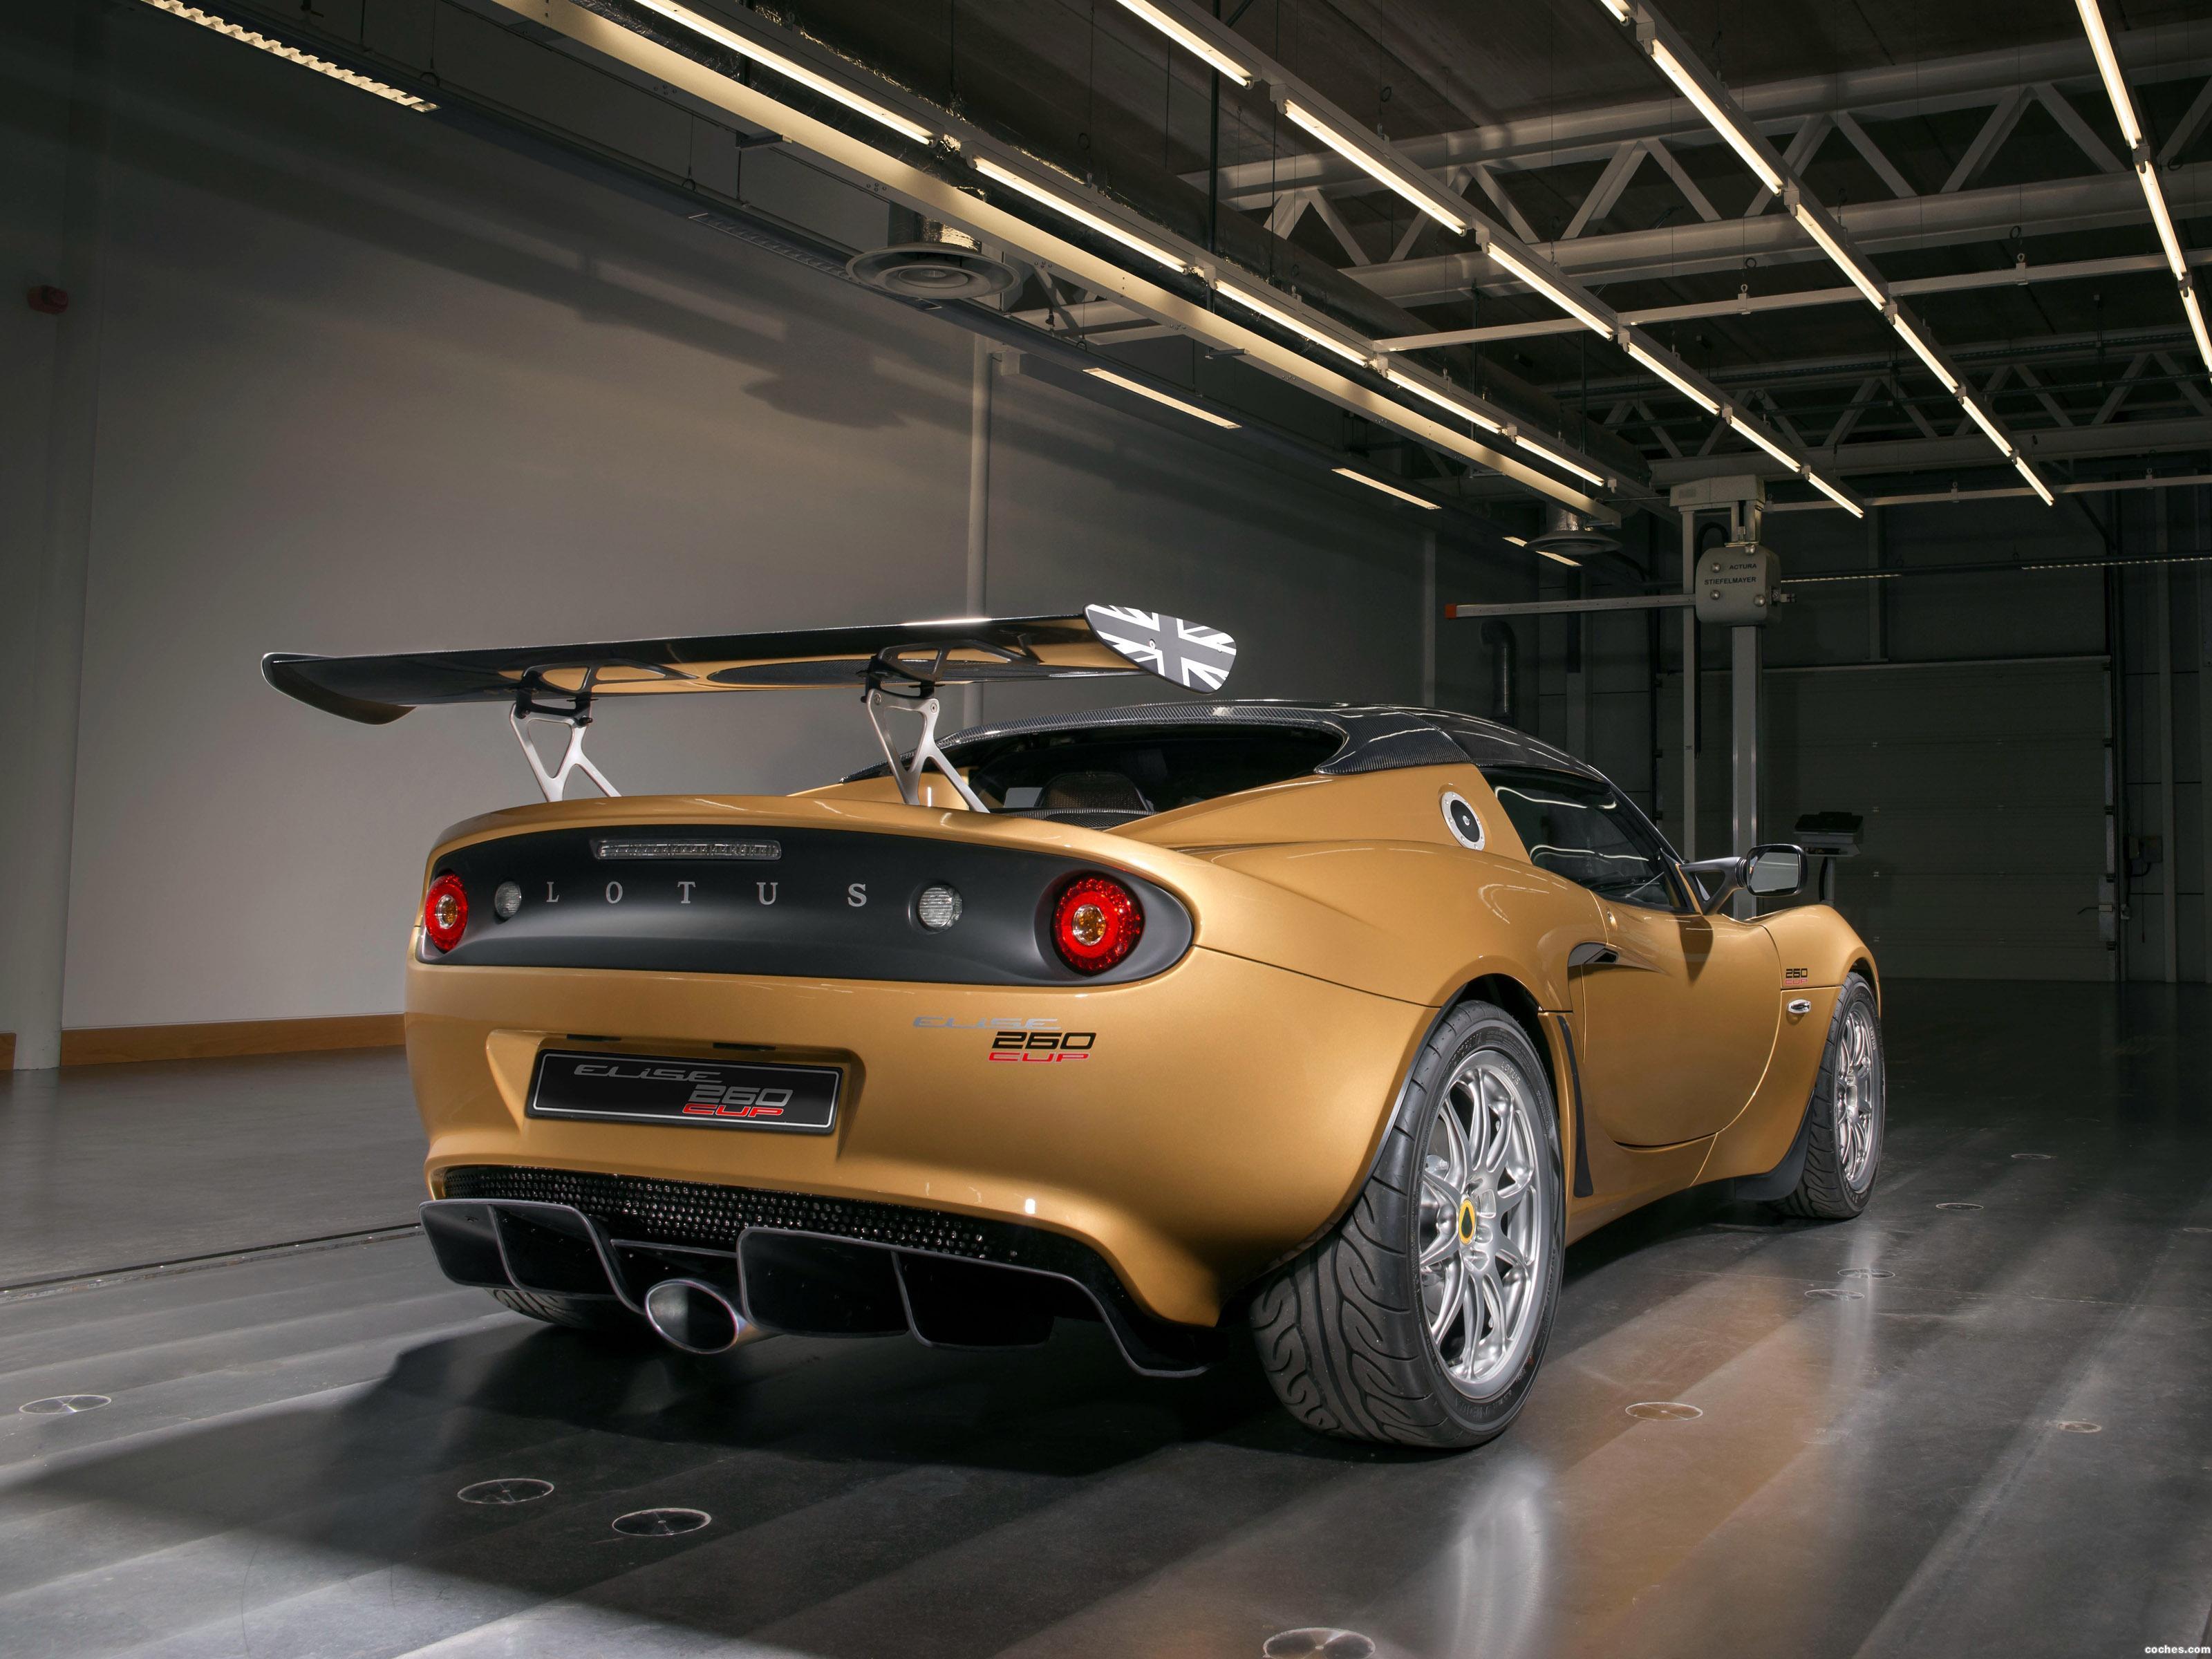 Foto 1 de Lotus Elise Cup 260 2017